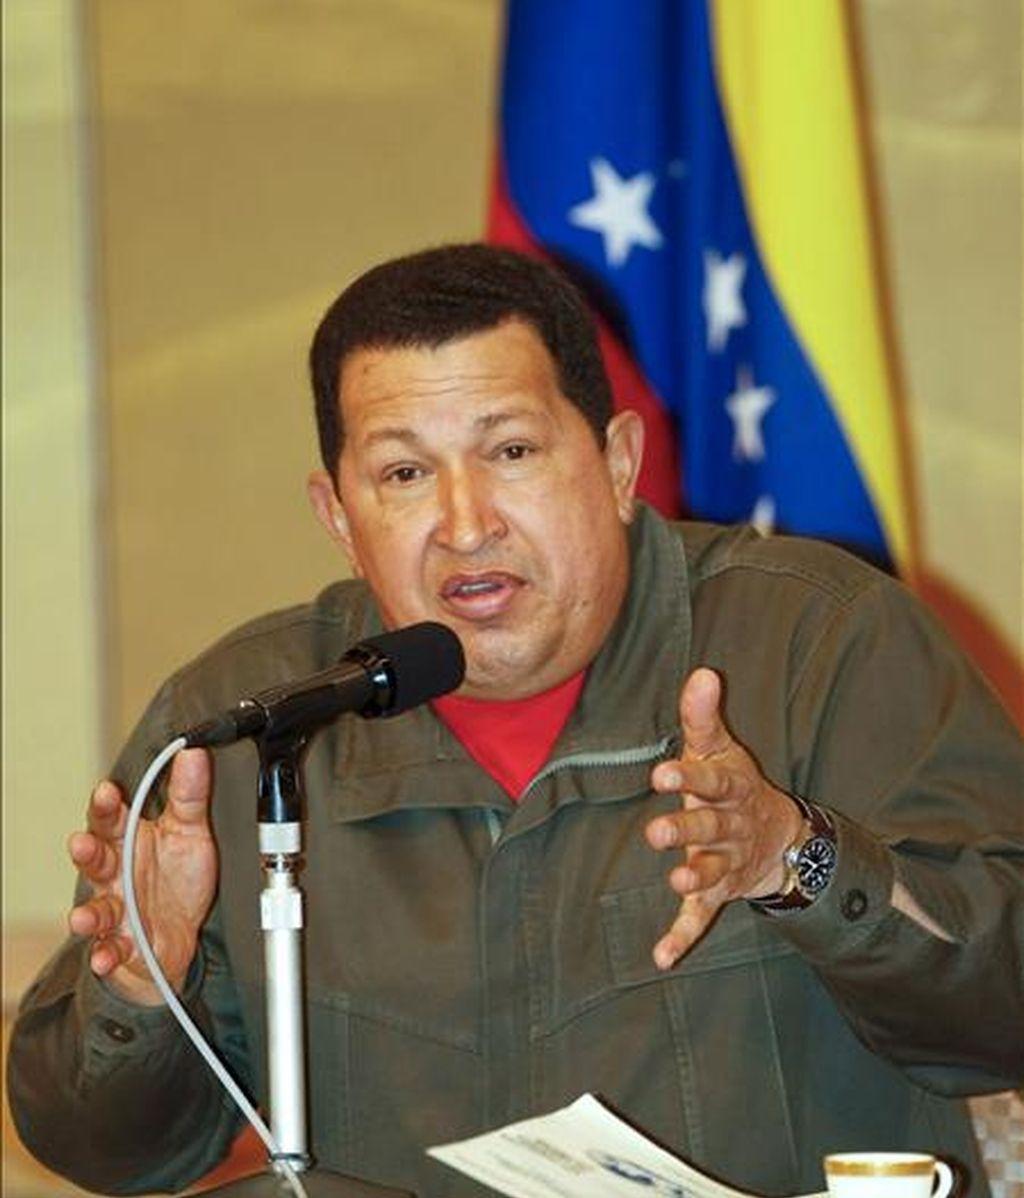 El presidente de Venezuela, Hugo Chávez, atiende a los medios durante la rueda de prensa ofrecida en Tokio (Japón), hoy 7 de abril. Chavez ha realizado una visita de tres días a Japón y ha viajado a China. EFE/Dai Kurokawa